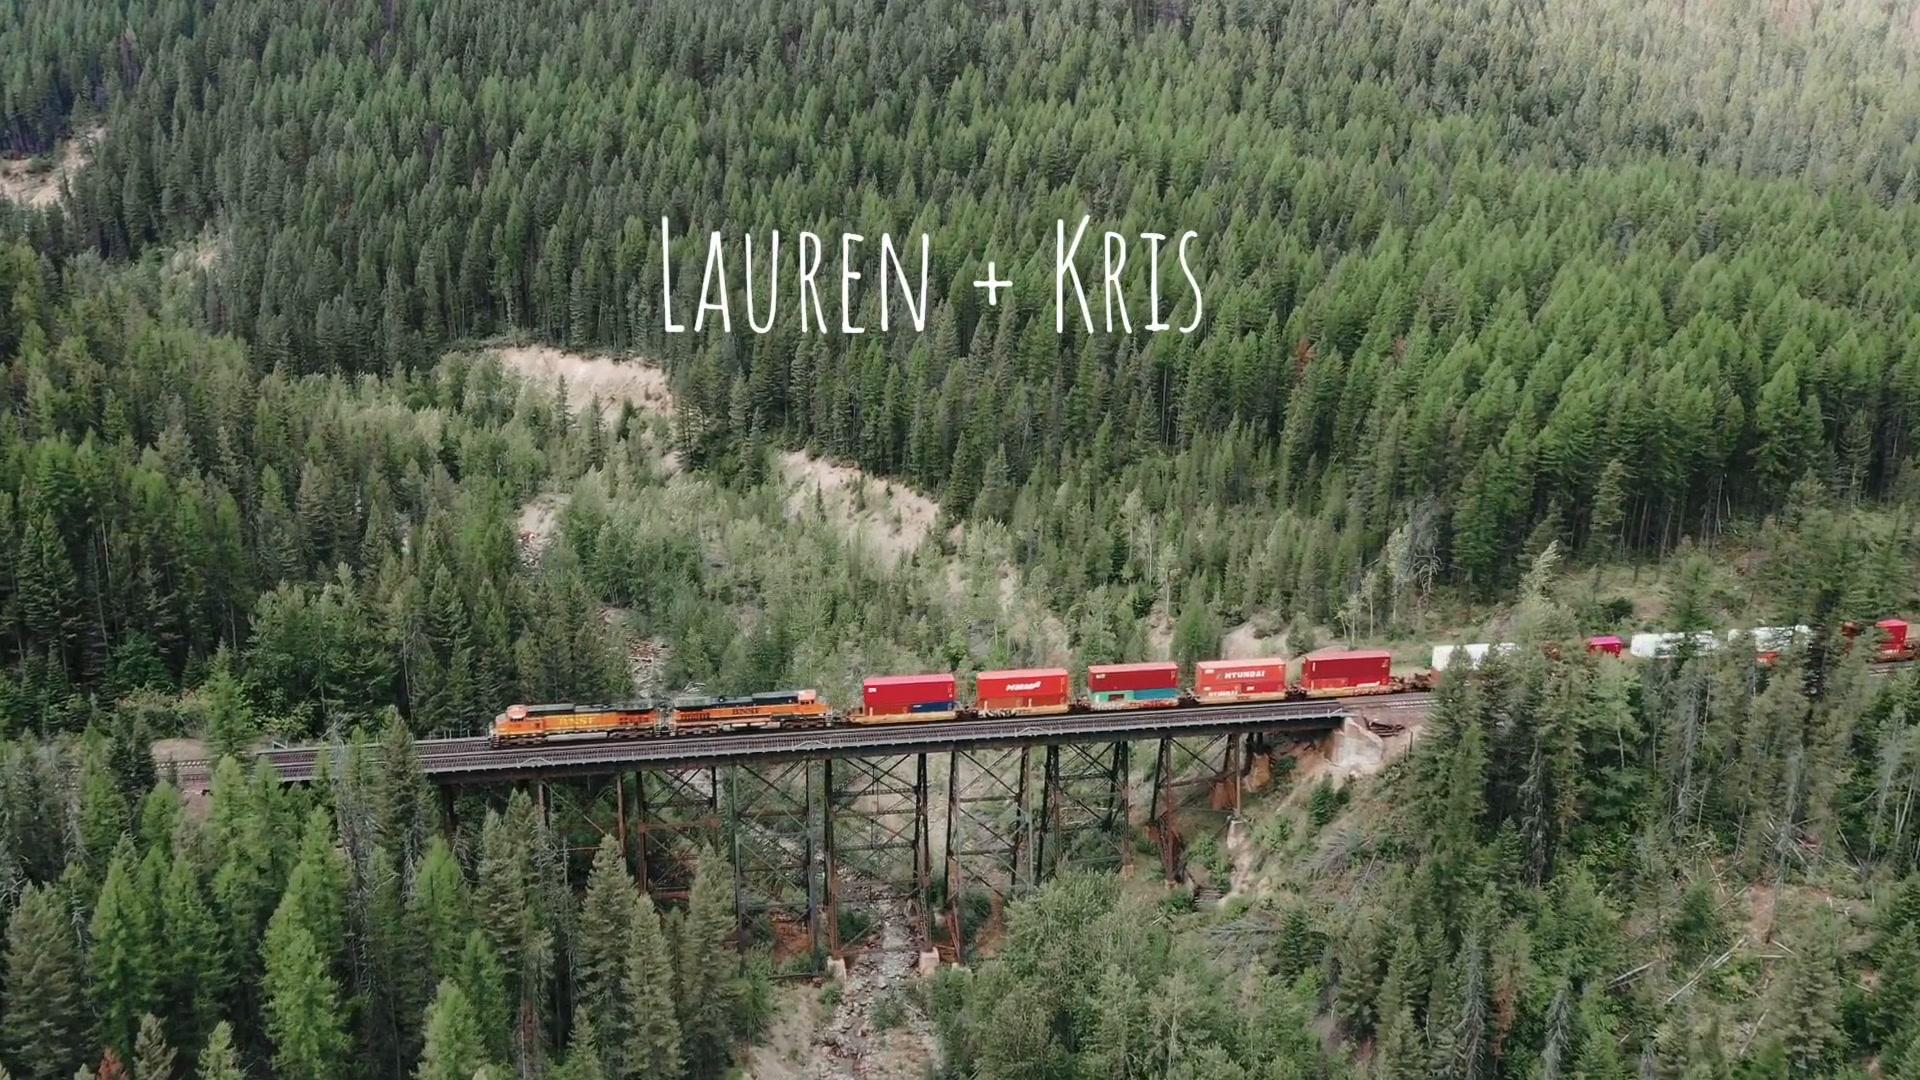 Lauren + Kris | East Glacier Park Village, Montana | Glacier National Park